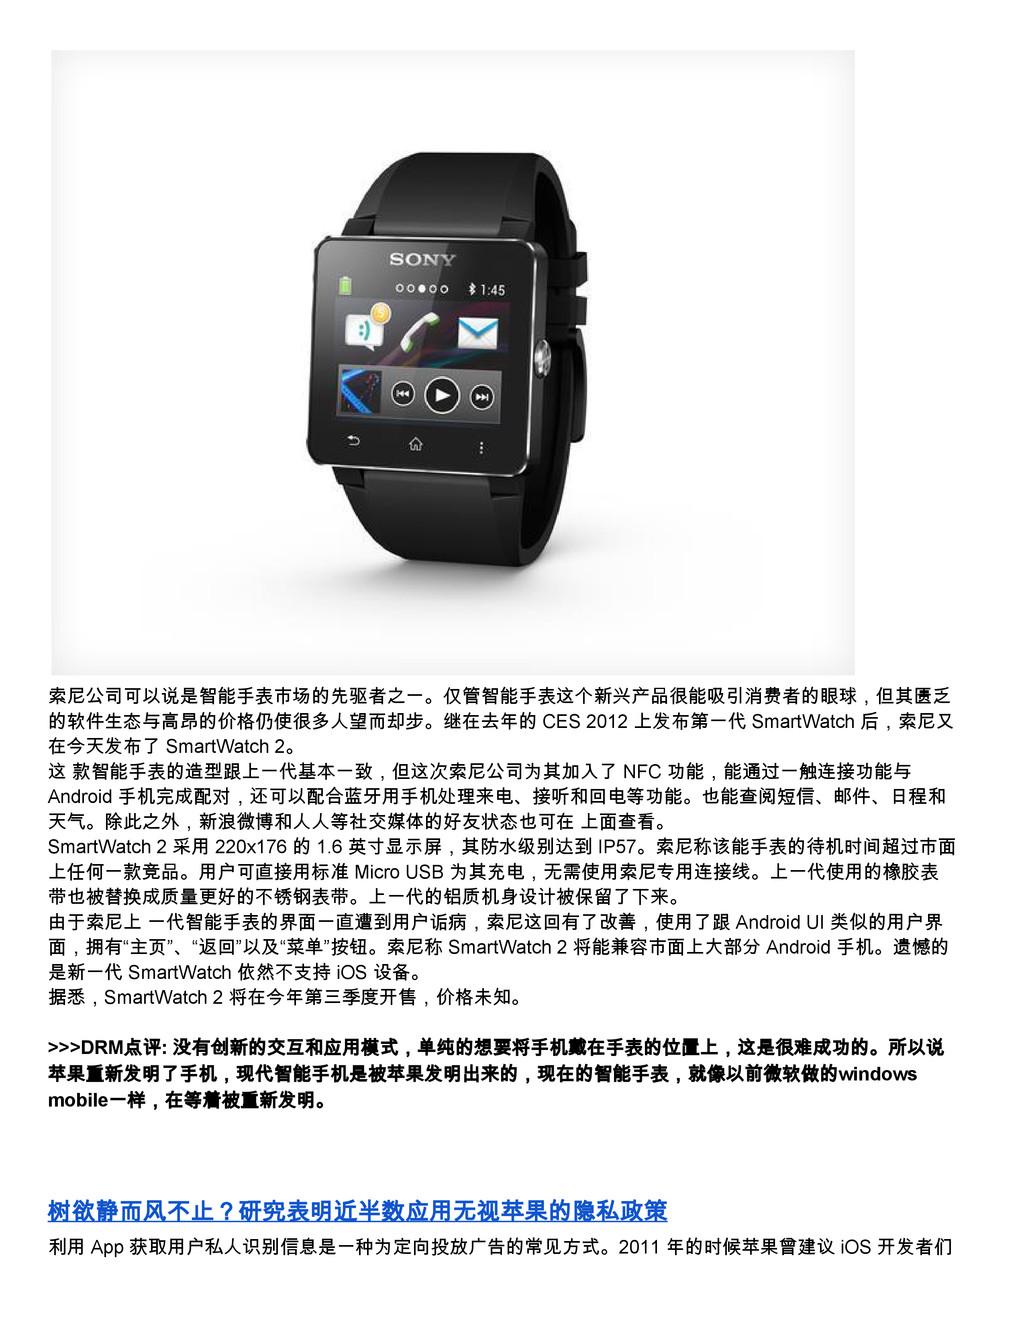 索尼公司可以说是智能手表市场的先驱者之一。仅管智能手表这个新兴产品很能吸引消费者的眼球,但其匮...